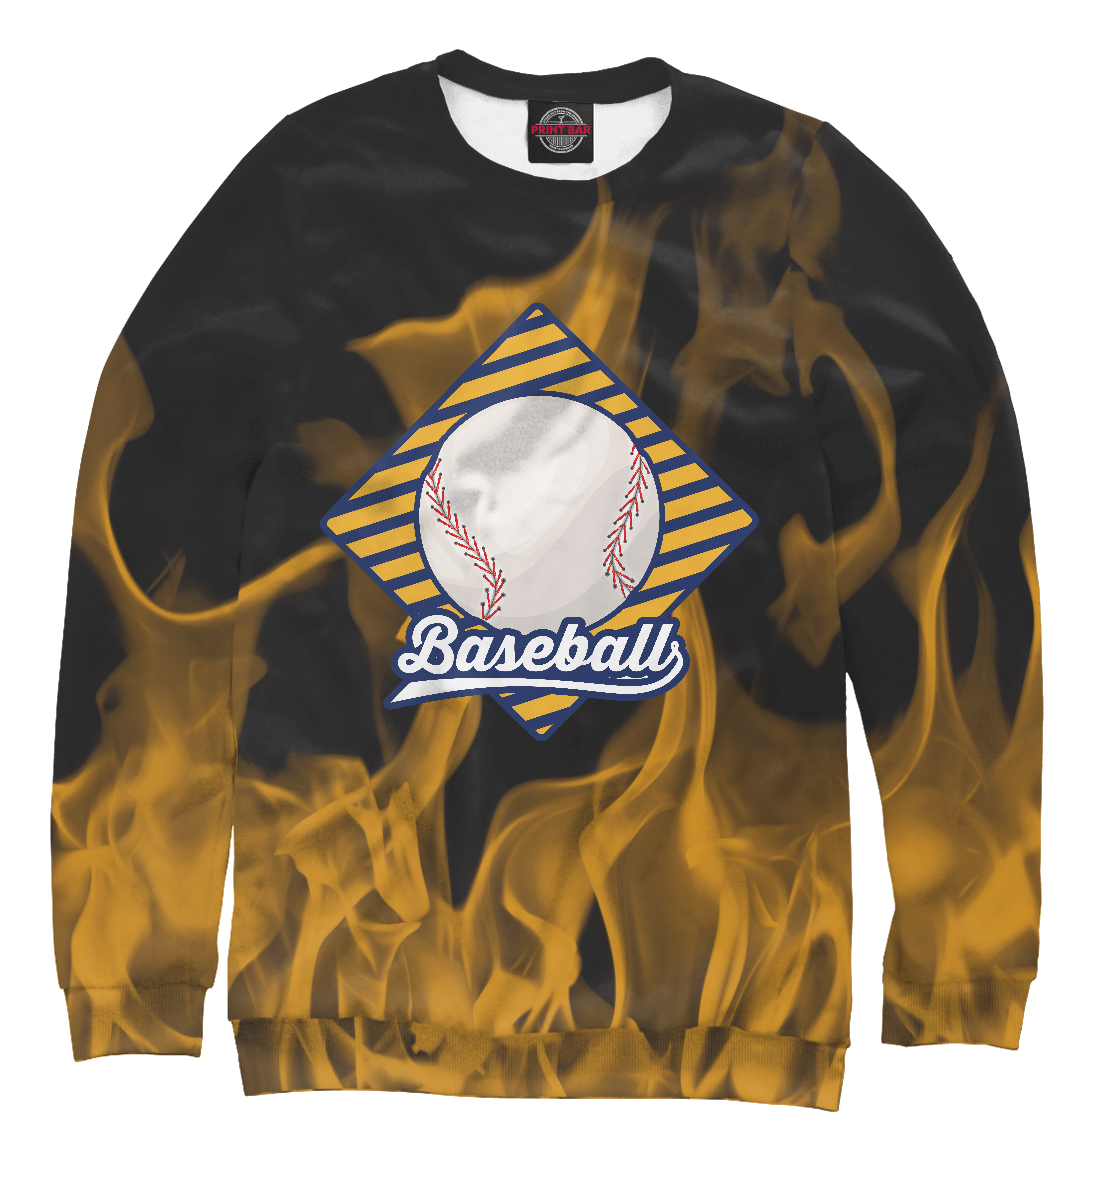 Купить Огненный бейсбол, Printbar, Свитшоты, APD-835216-swi-1